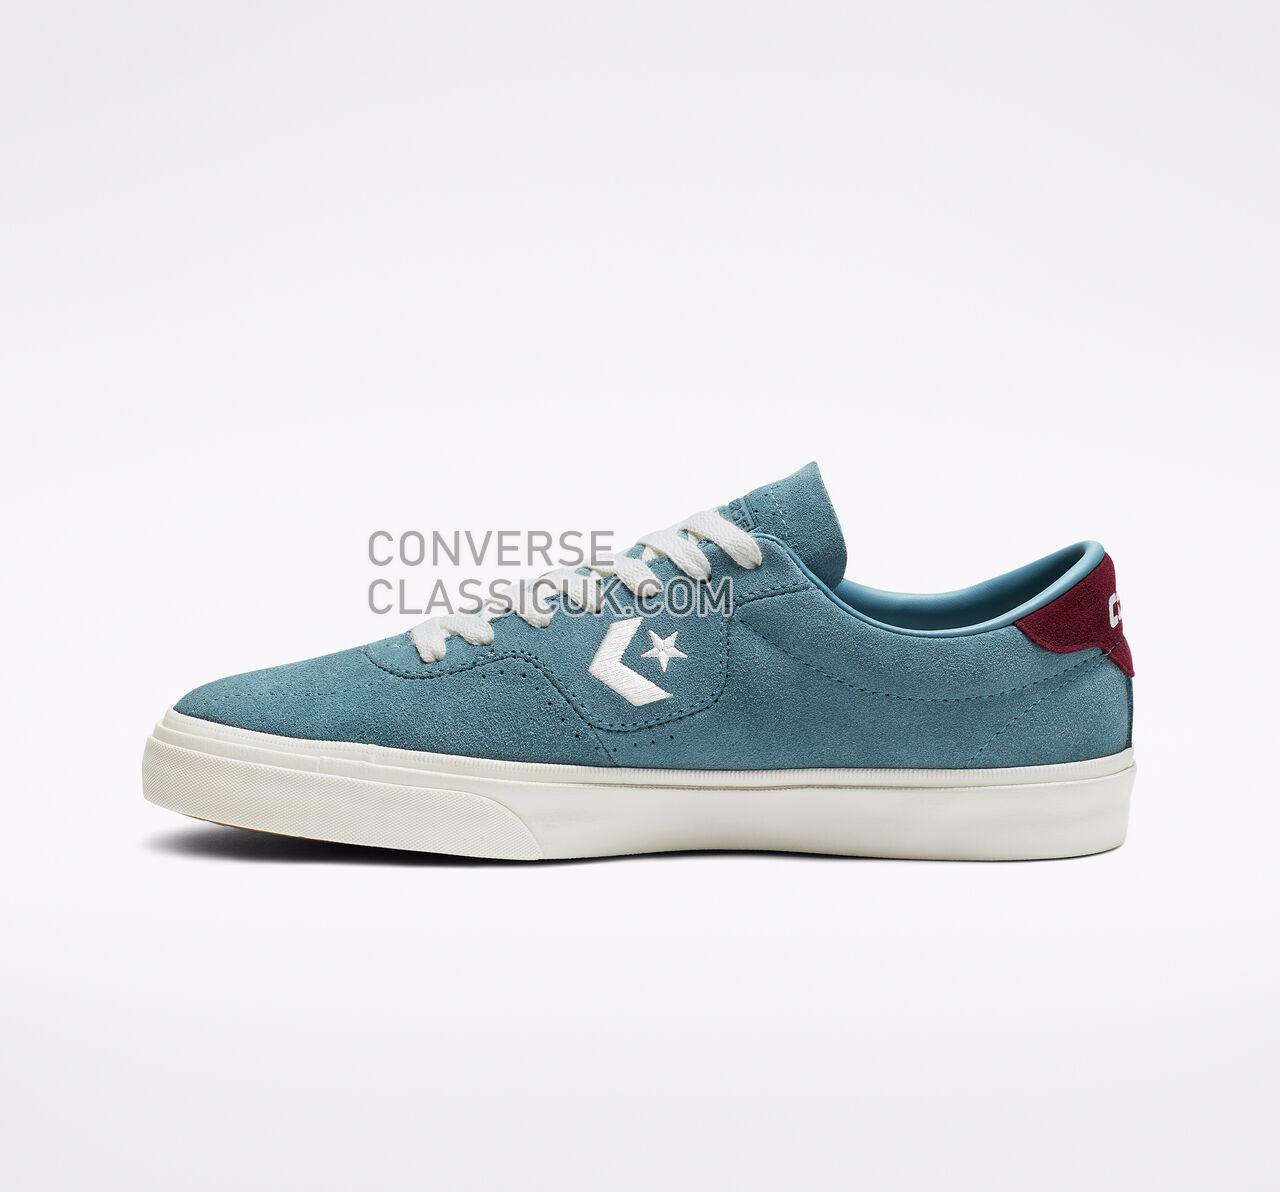 Converse CONS Louie Lopez Pro Mens Womens Unisex 164165C Celestial Teal/Dark Burgundy Shoes